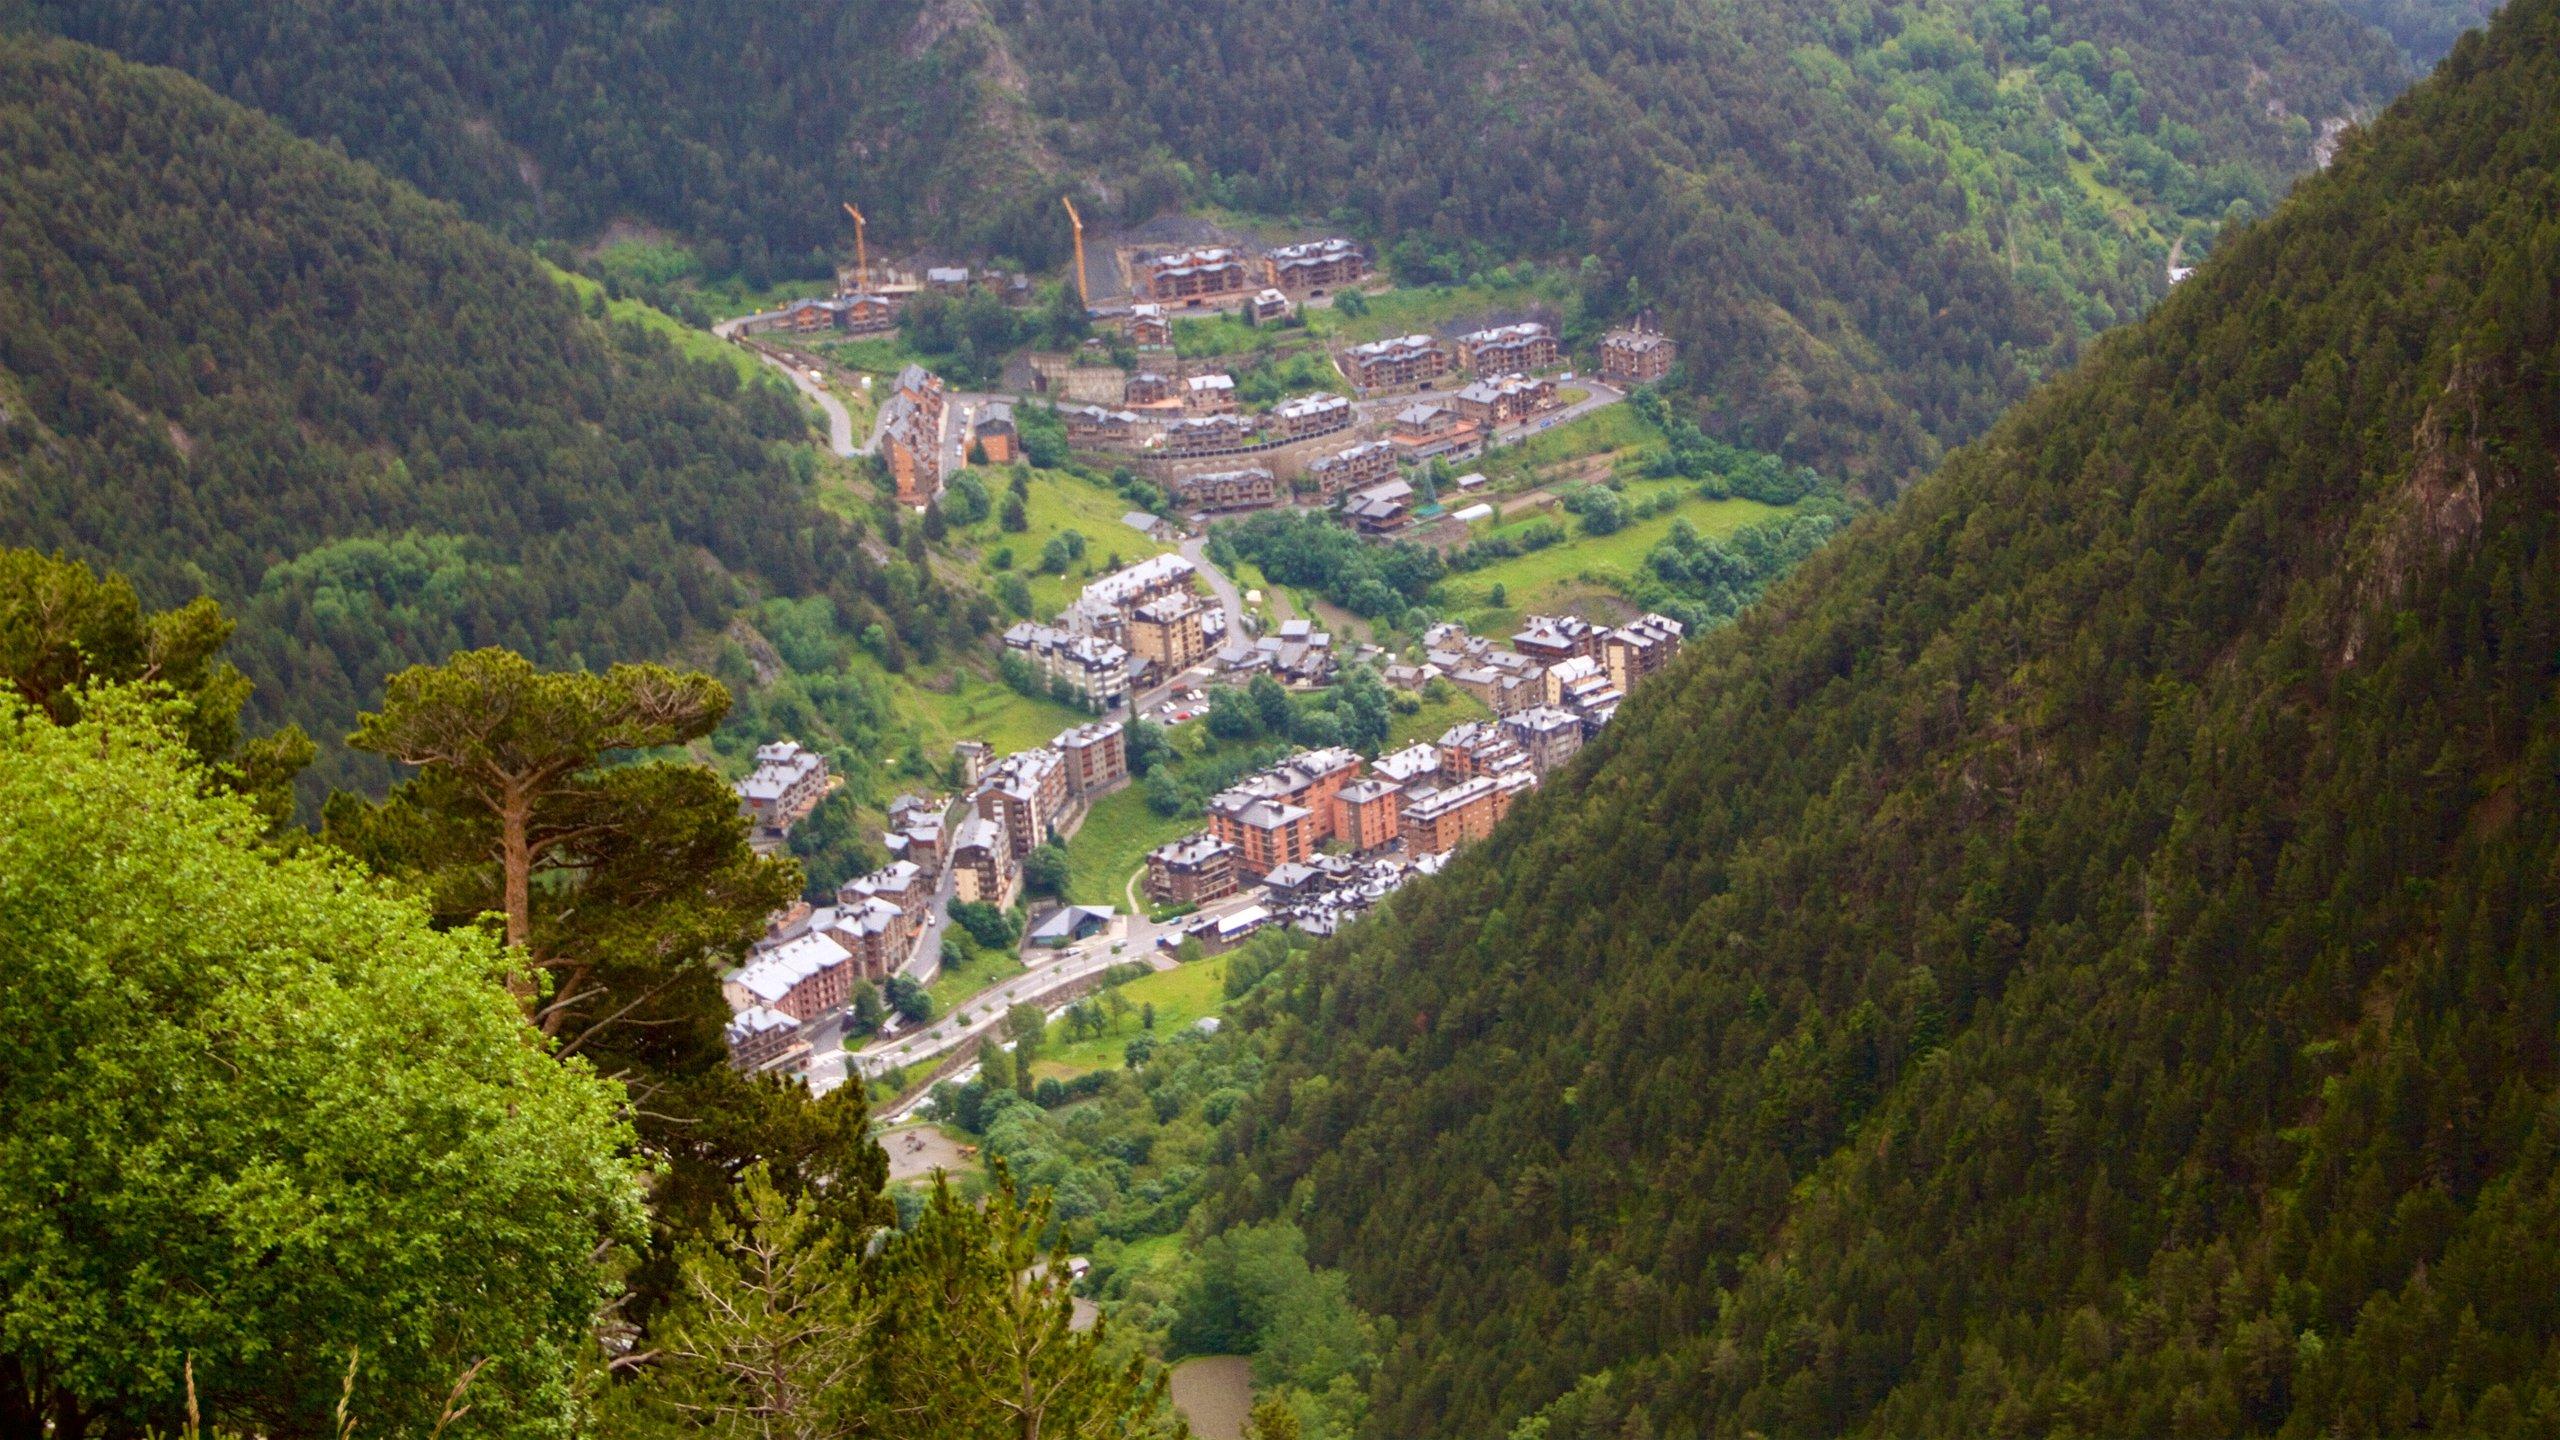 Arinsal, La Massana, Andorra